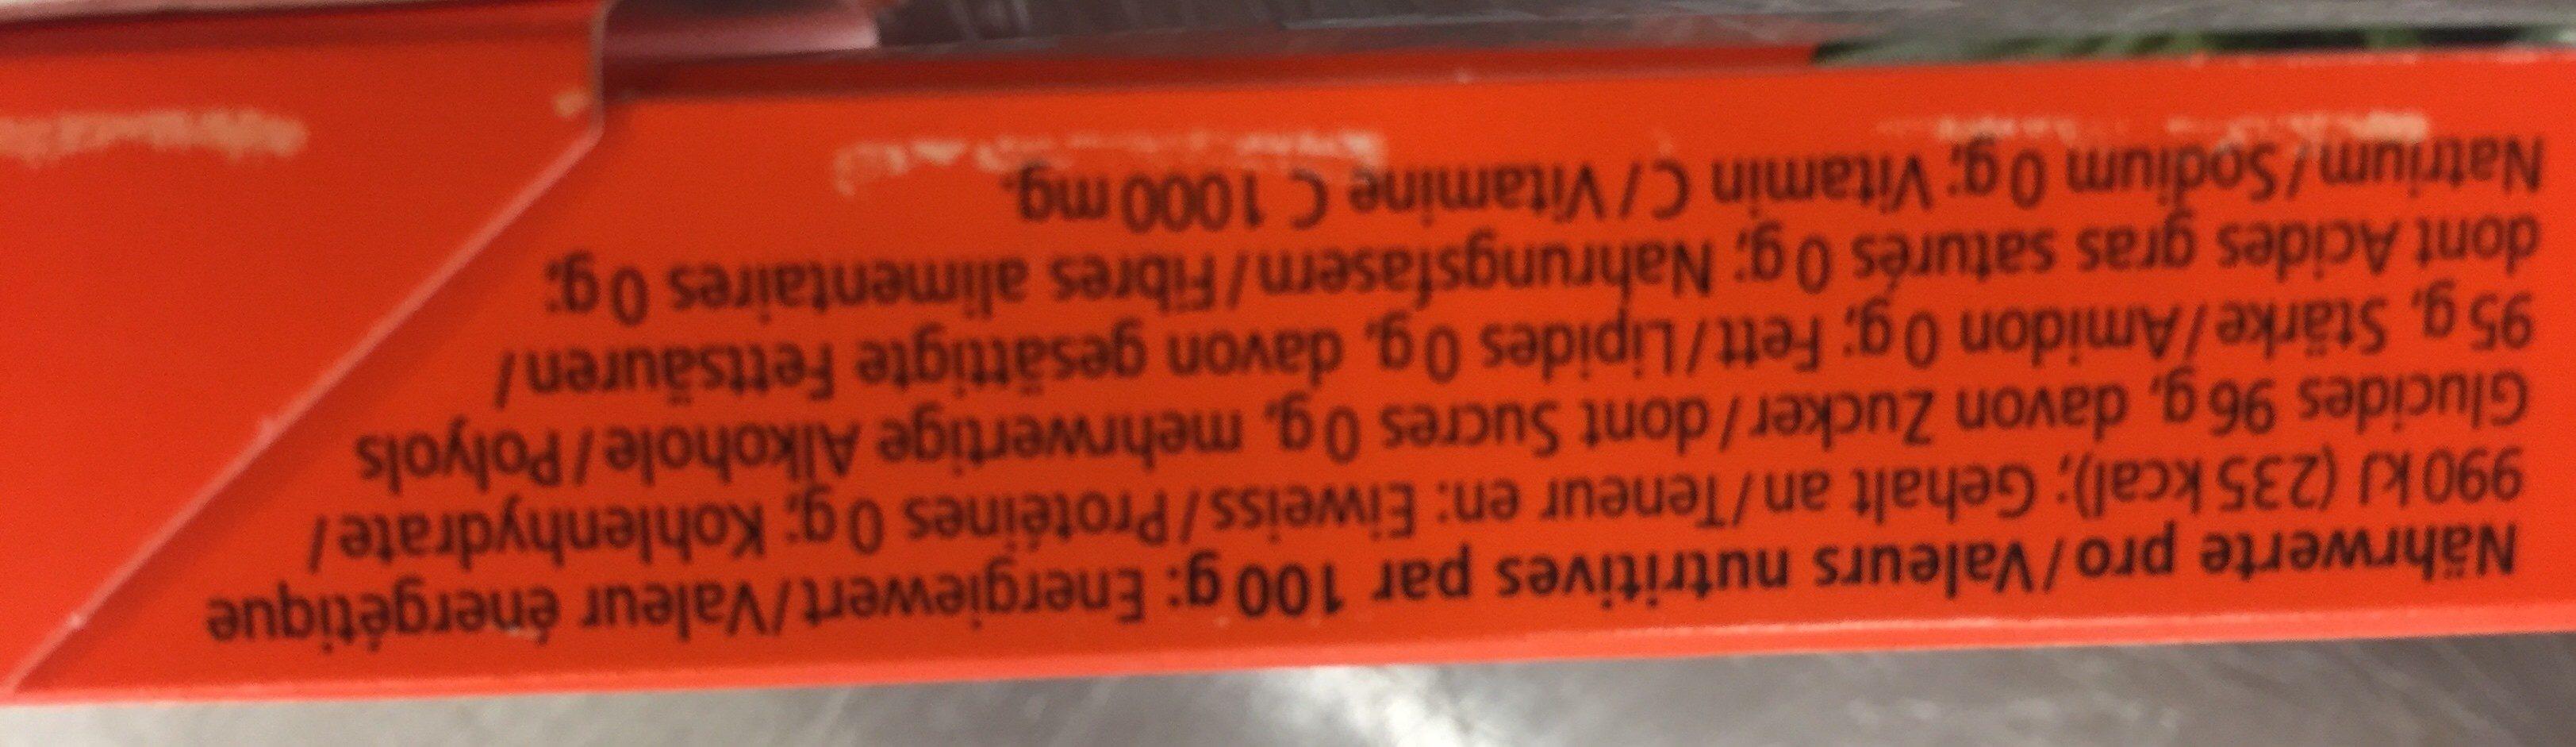 orange menthe ricola calories valeurs nutritionnelles et avis de consommation. Black Bedroom Furniture Sets. Home Design Ideas